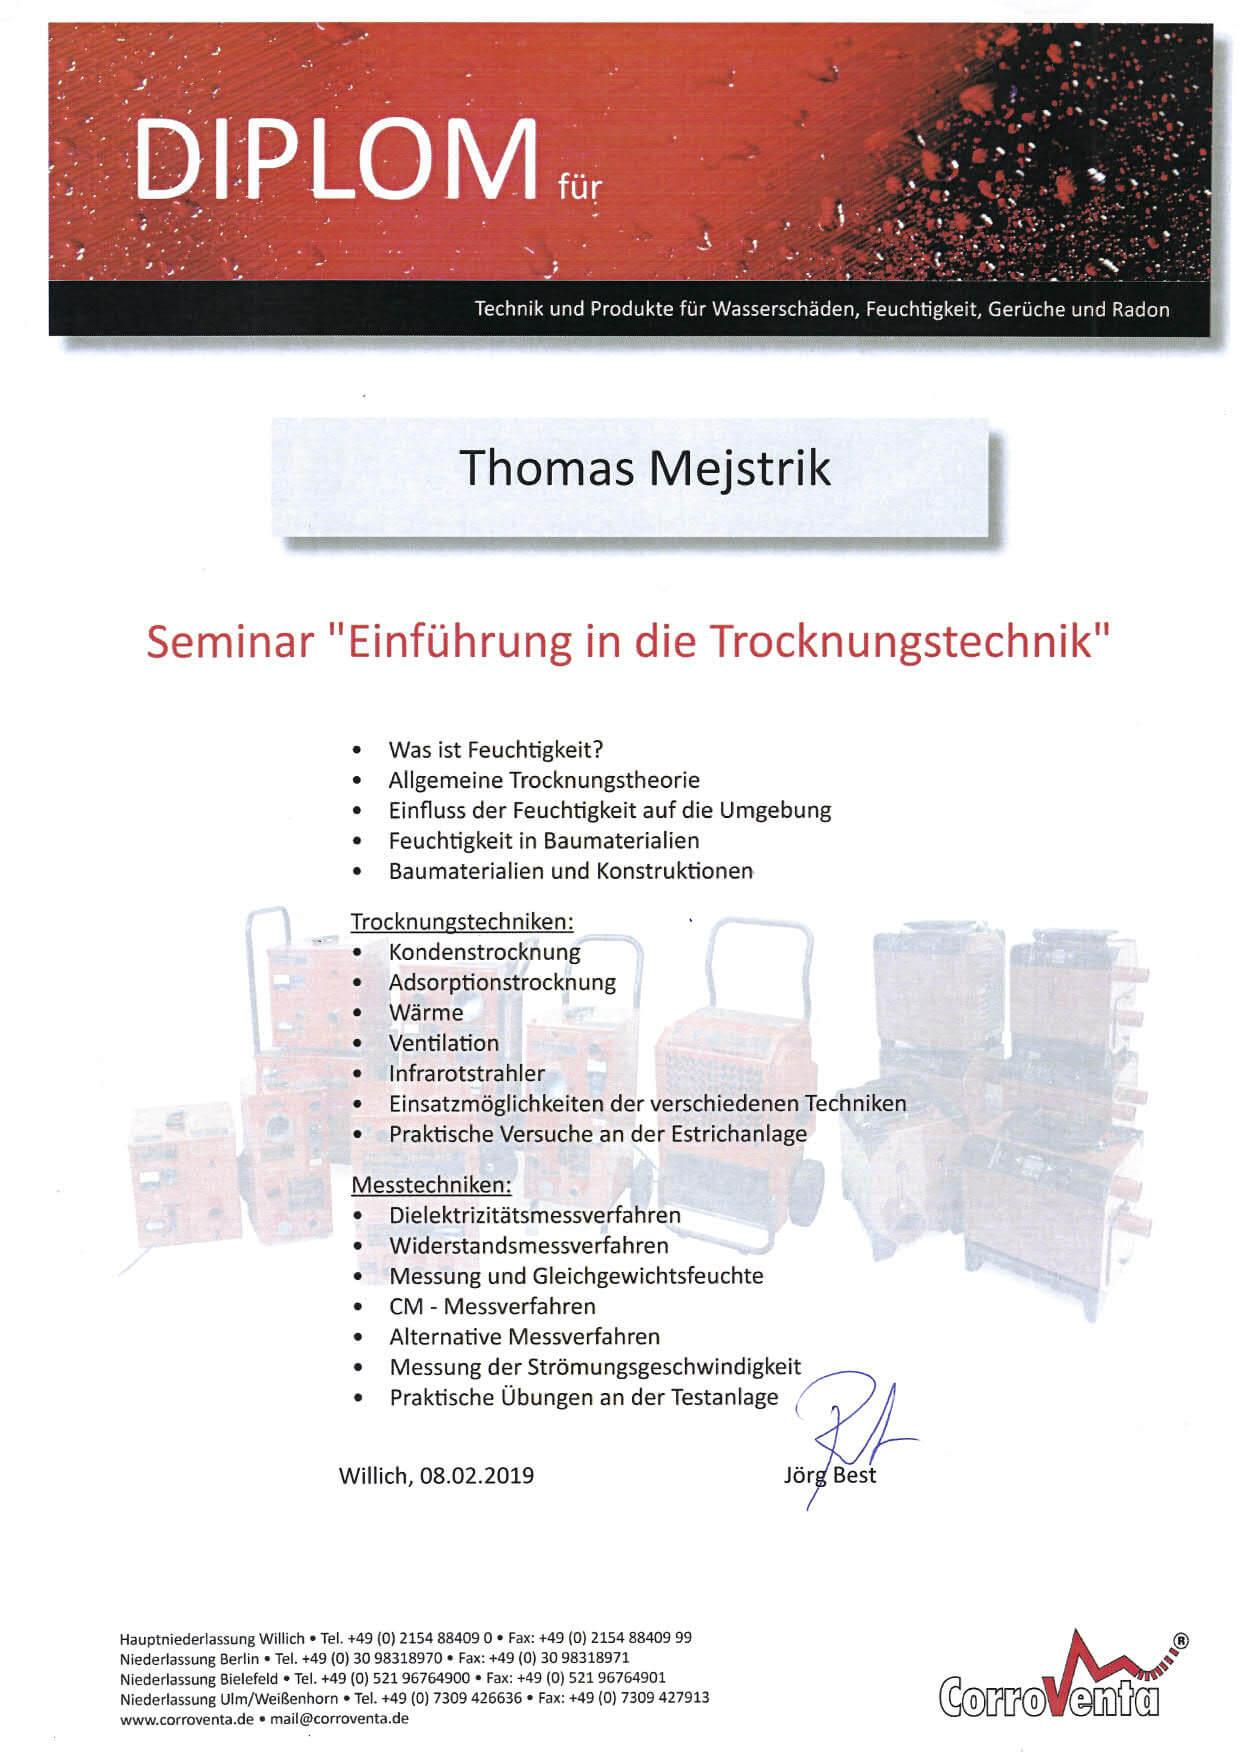 Thomas Mejstrik-Einführung in die Trocknungstechnik